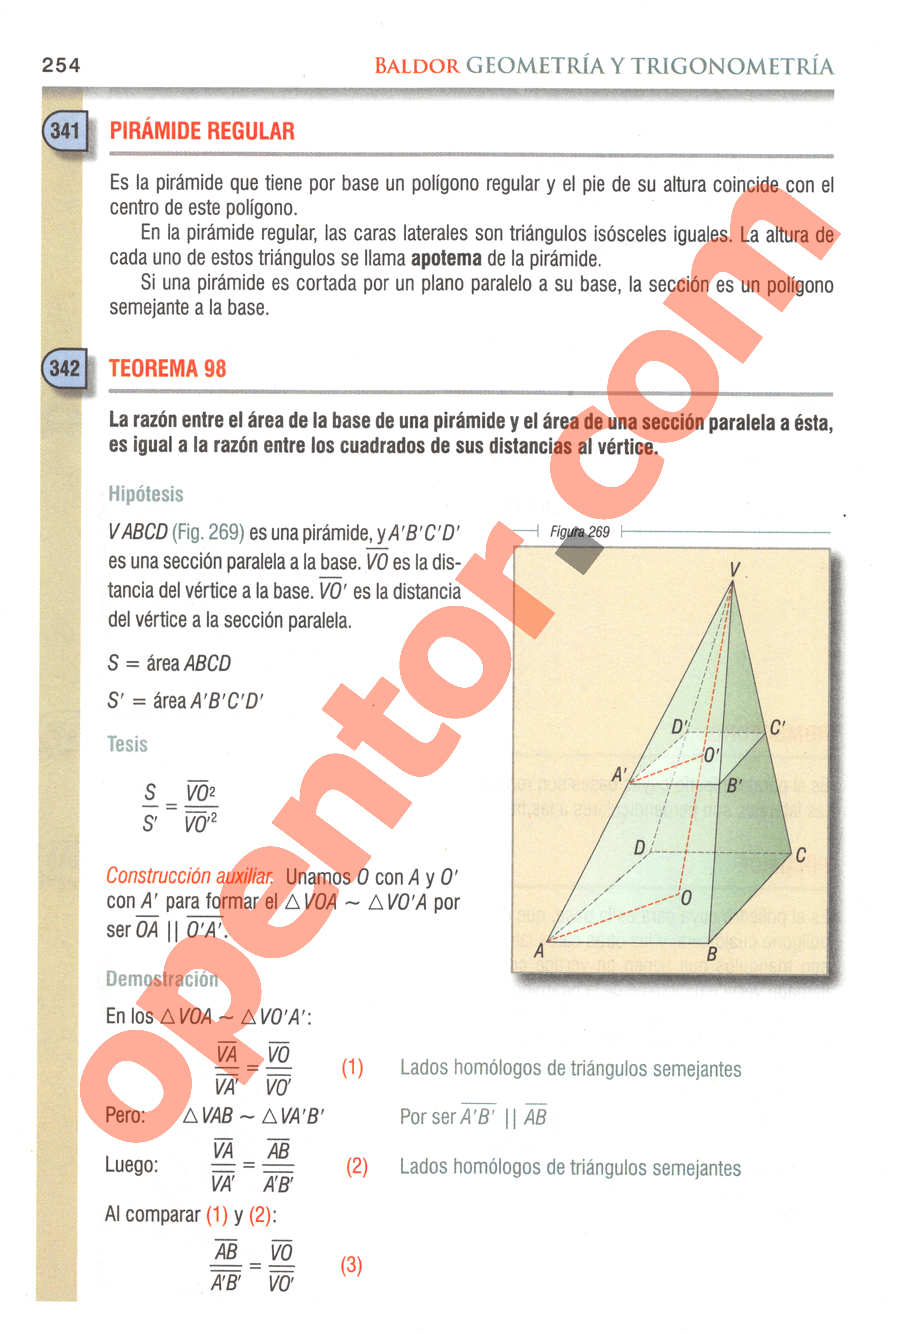 Geometría y Trigonometría de Baldor - Página 254